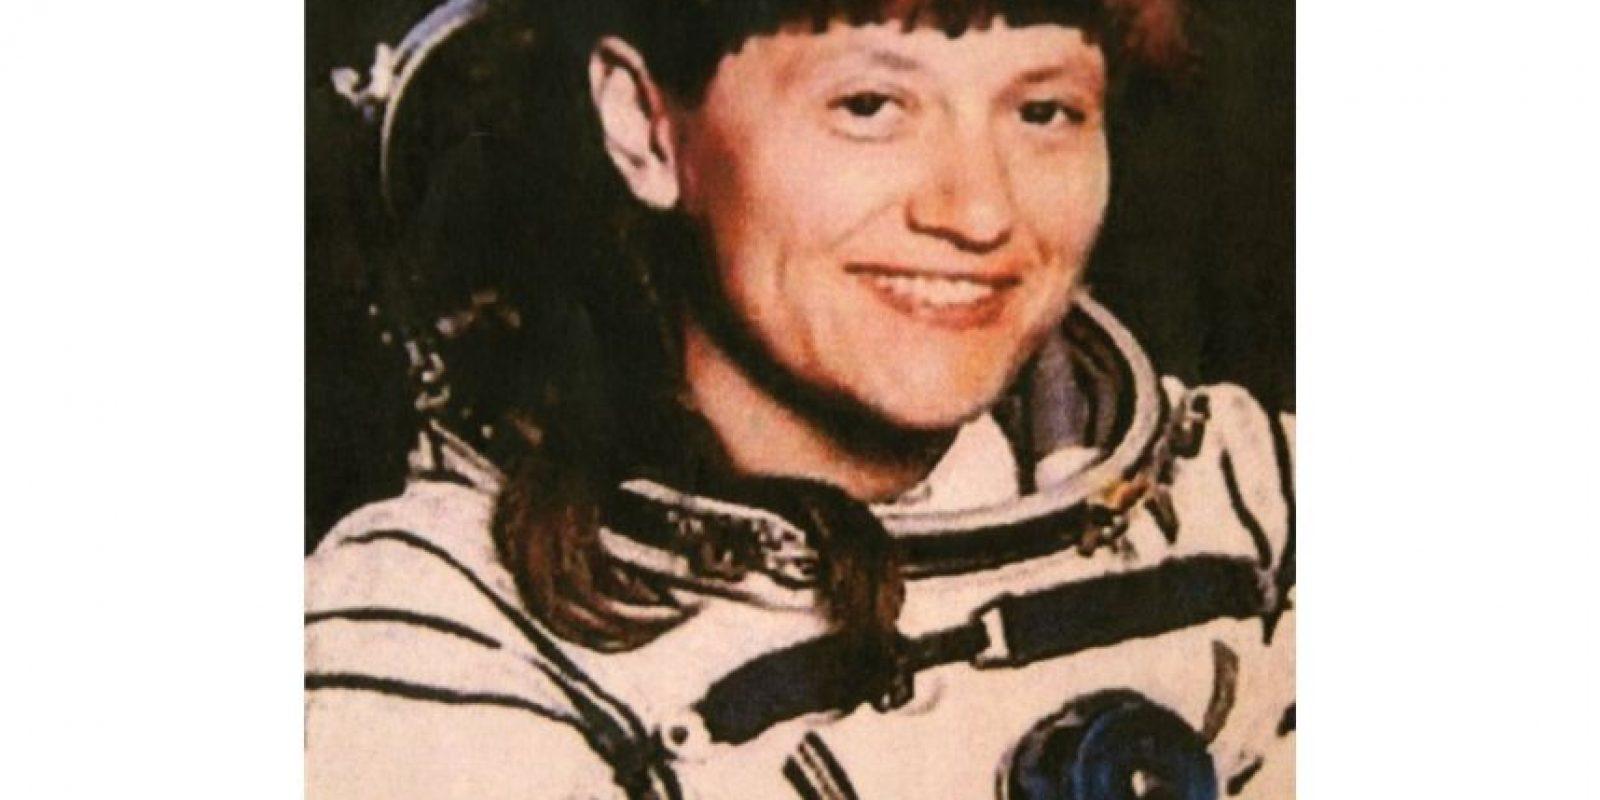 4. La primera mujer en realizar una caminata espacial fue la rusa Svetlana Savitskaya, el 25 de julio de 1984 Foto:Wikimedia.org